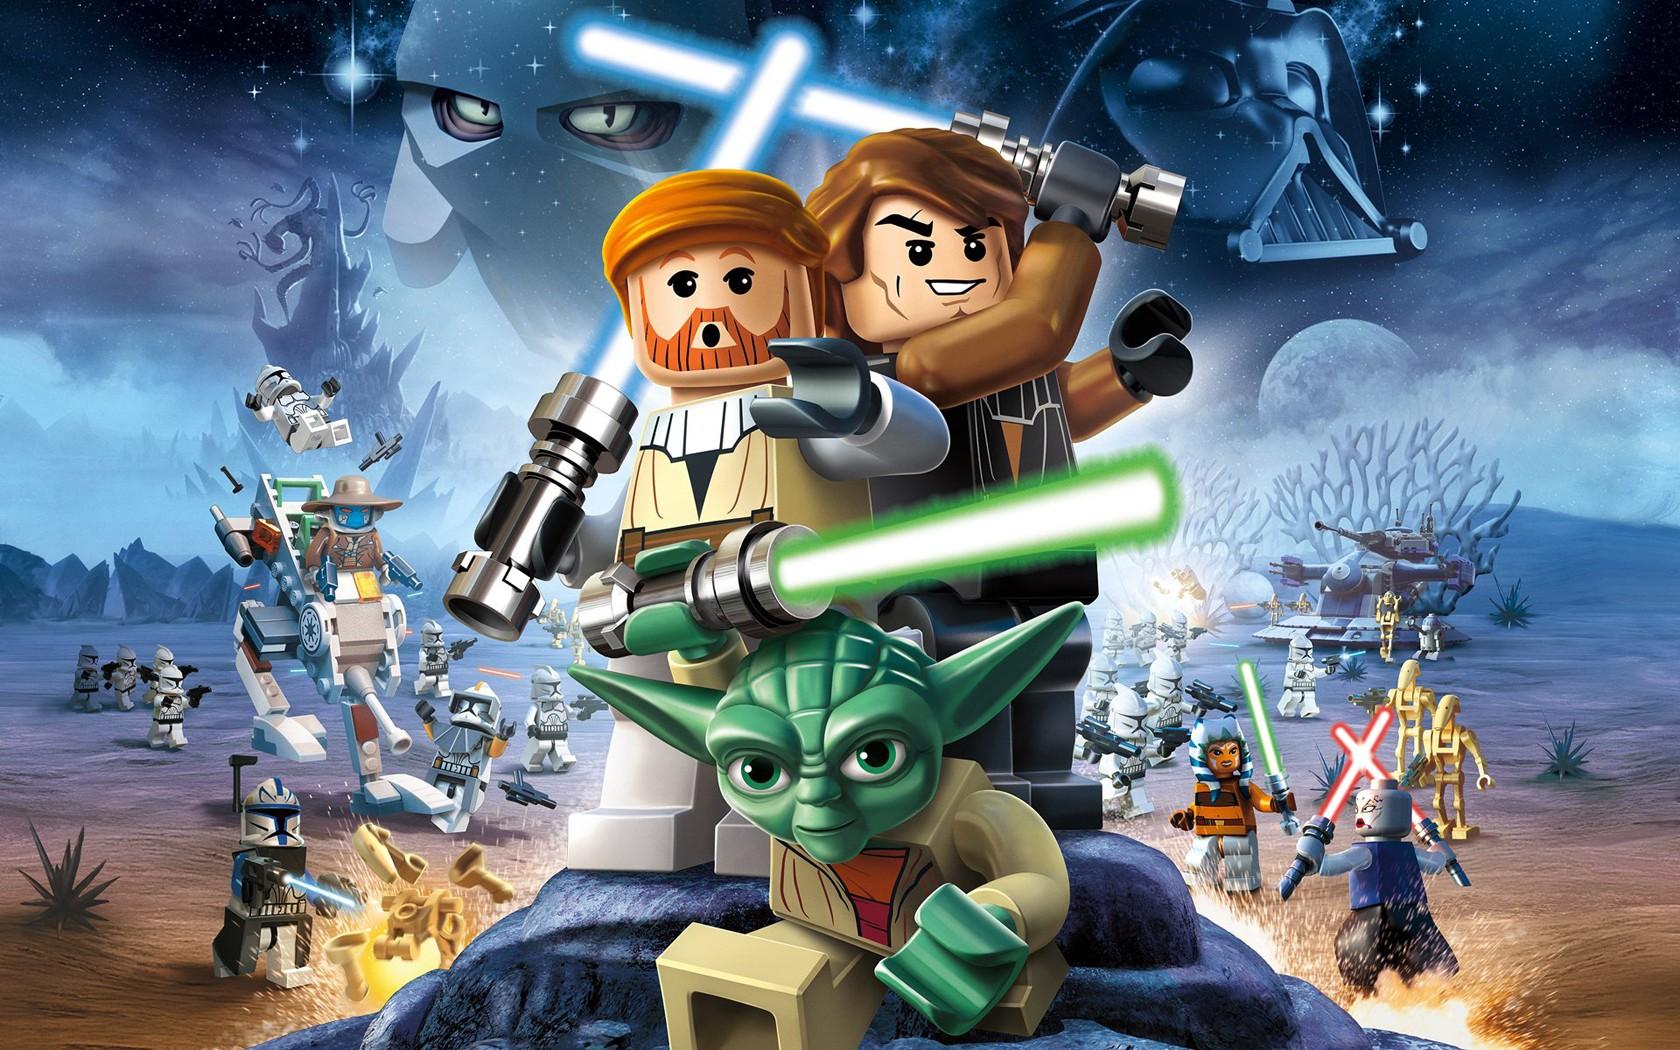 Lego Star Wars III - 1680x1050